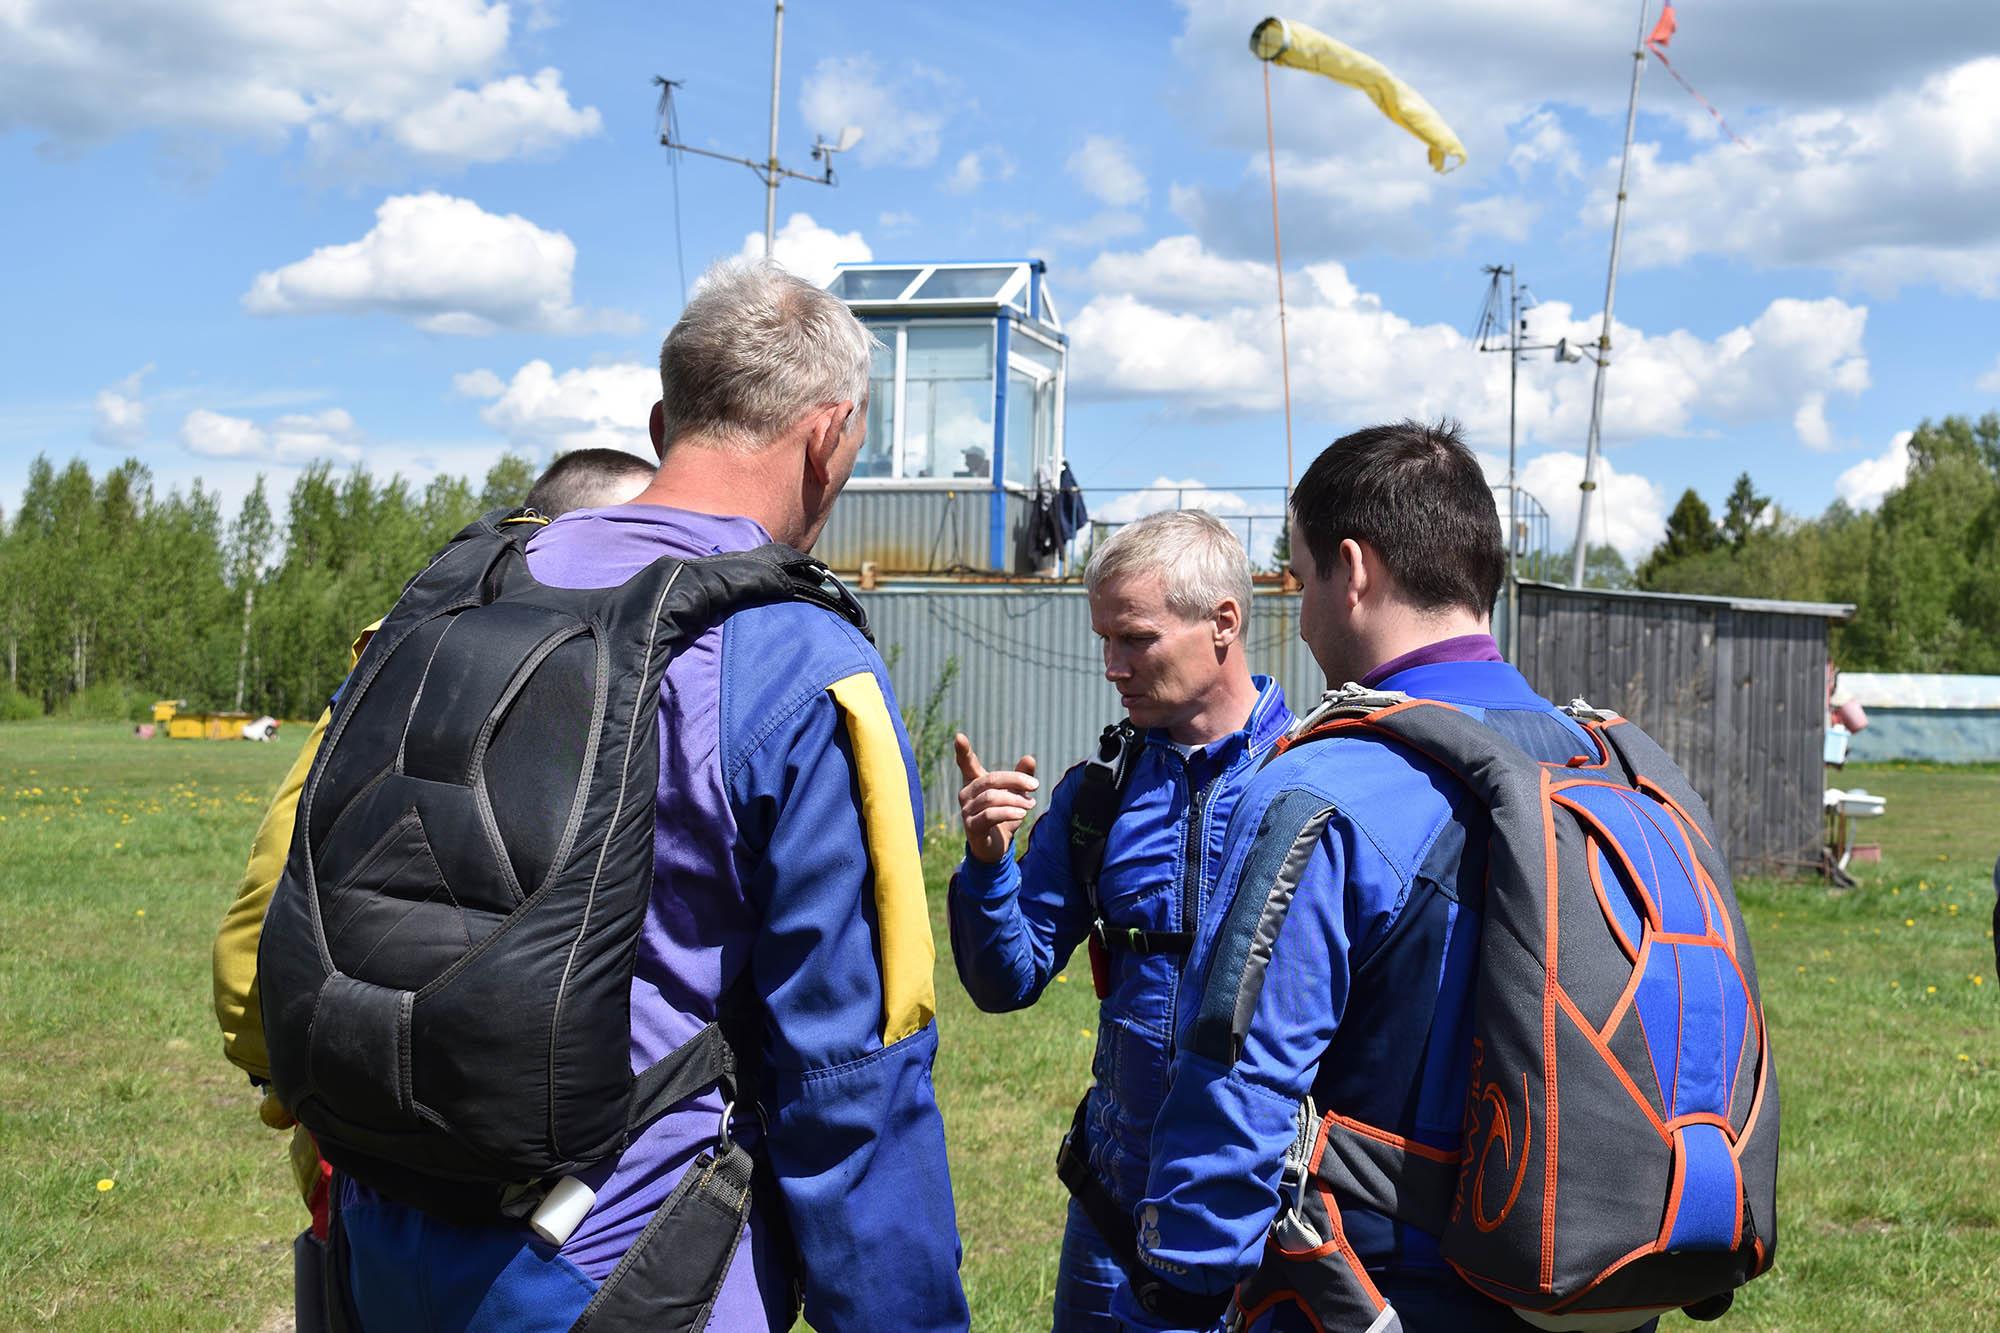 В верхней части ранца уложен запасной парашют, в нижней — основной. На запасном парашюте обязательно стоит страхующий прибор. В течение всего прыжка он измеряет высоту и скорость снижения. Если на высоте 300 метров скорость выше допустимой, прибор раскроет запаску